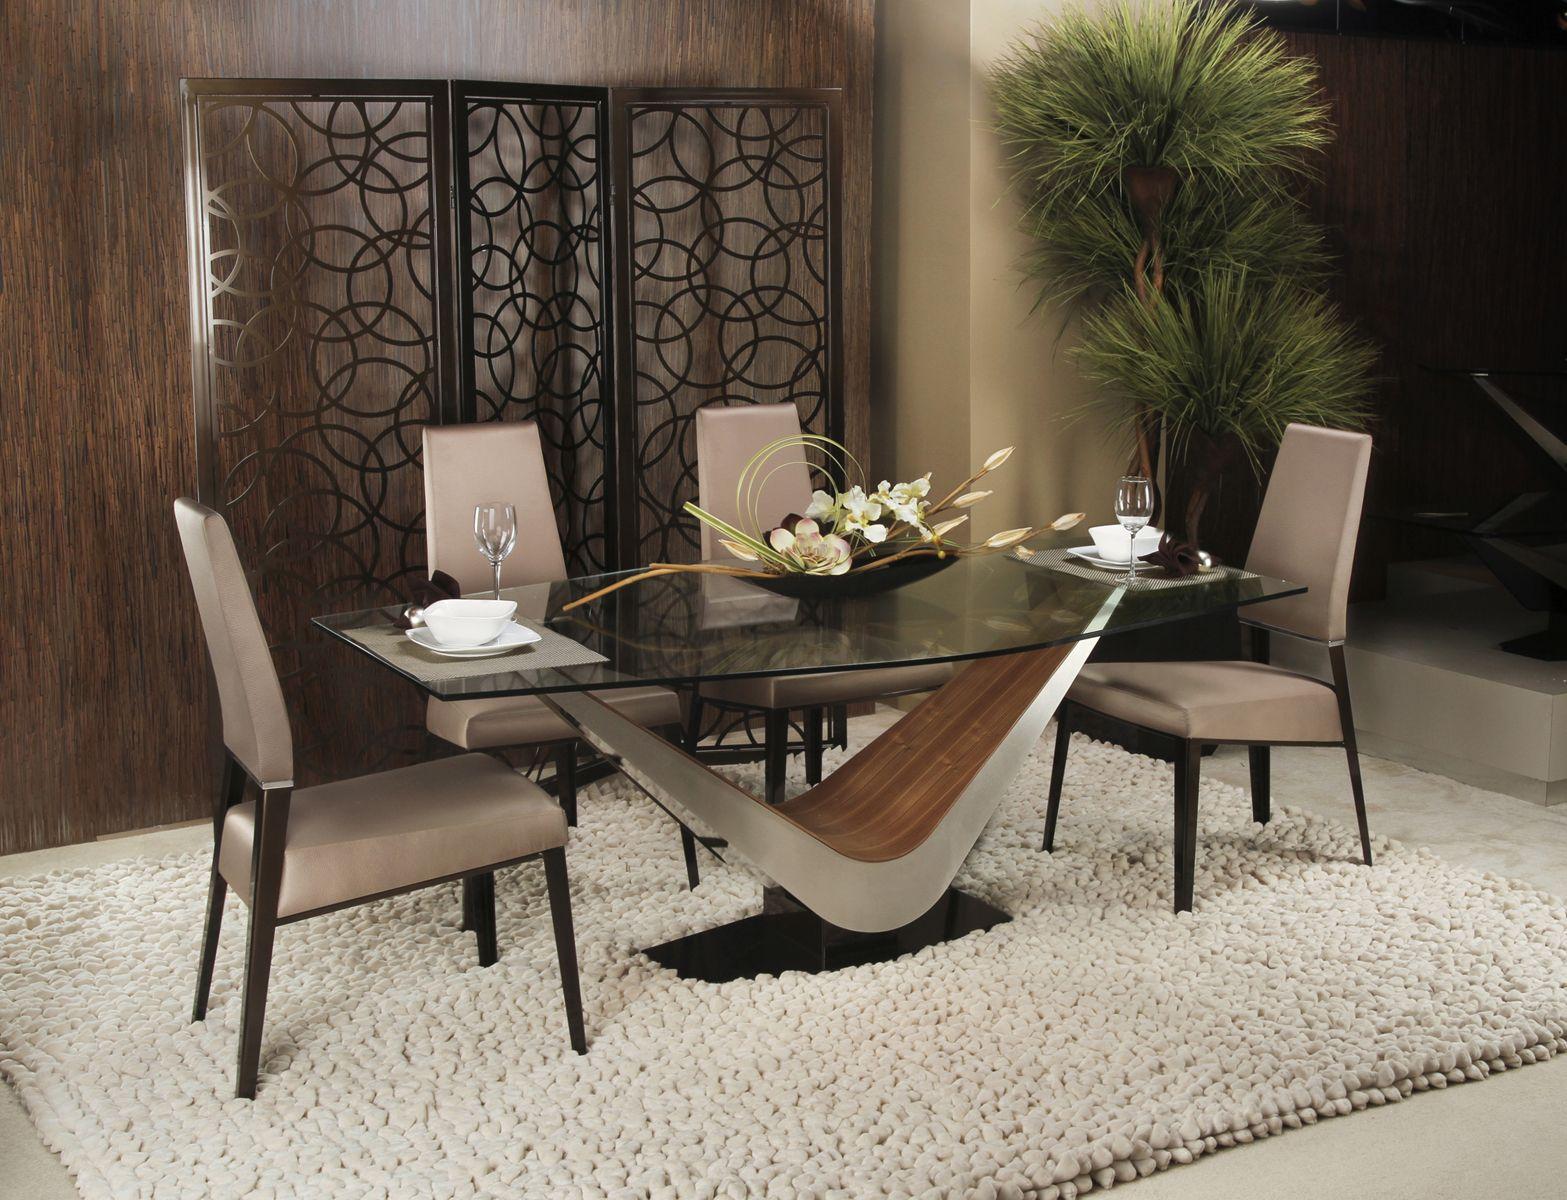 Elite Dining Room Furniture Victorelite  Dining Room  Pinterest  Dining Sets